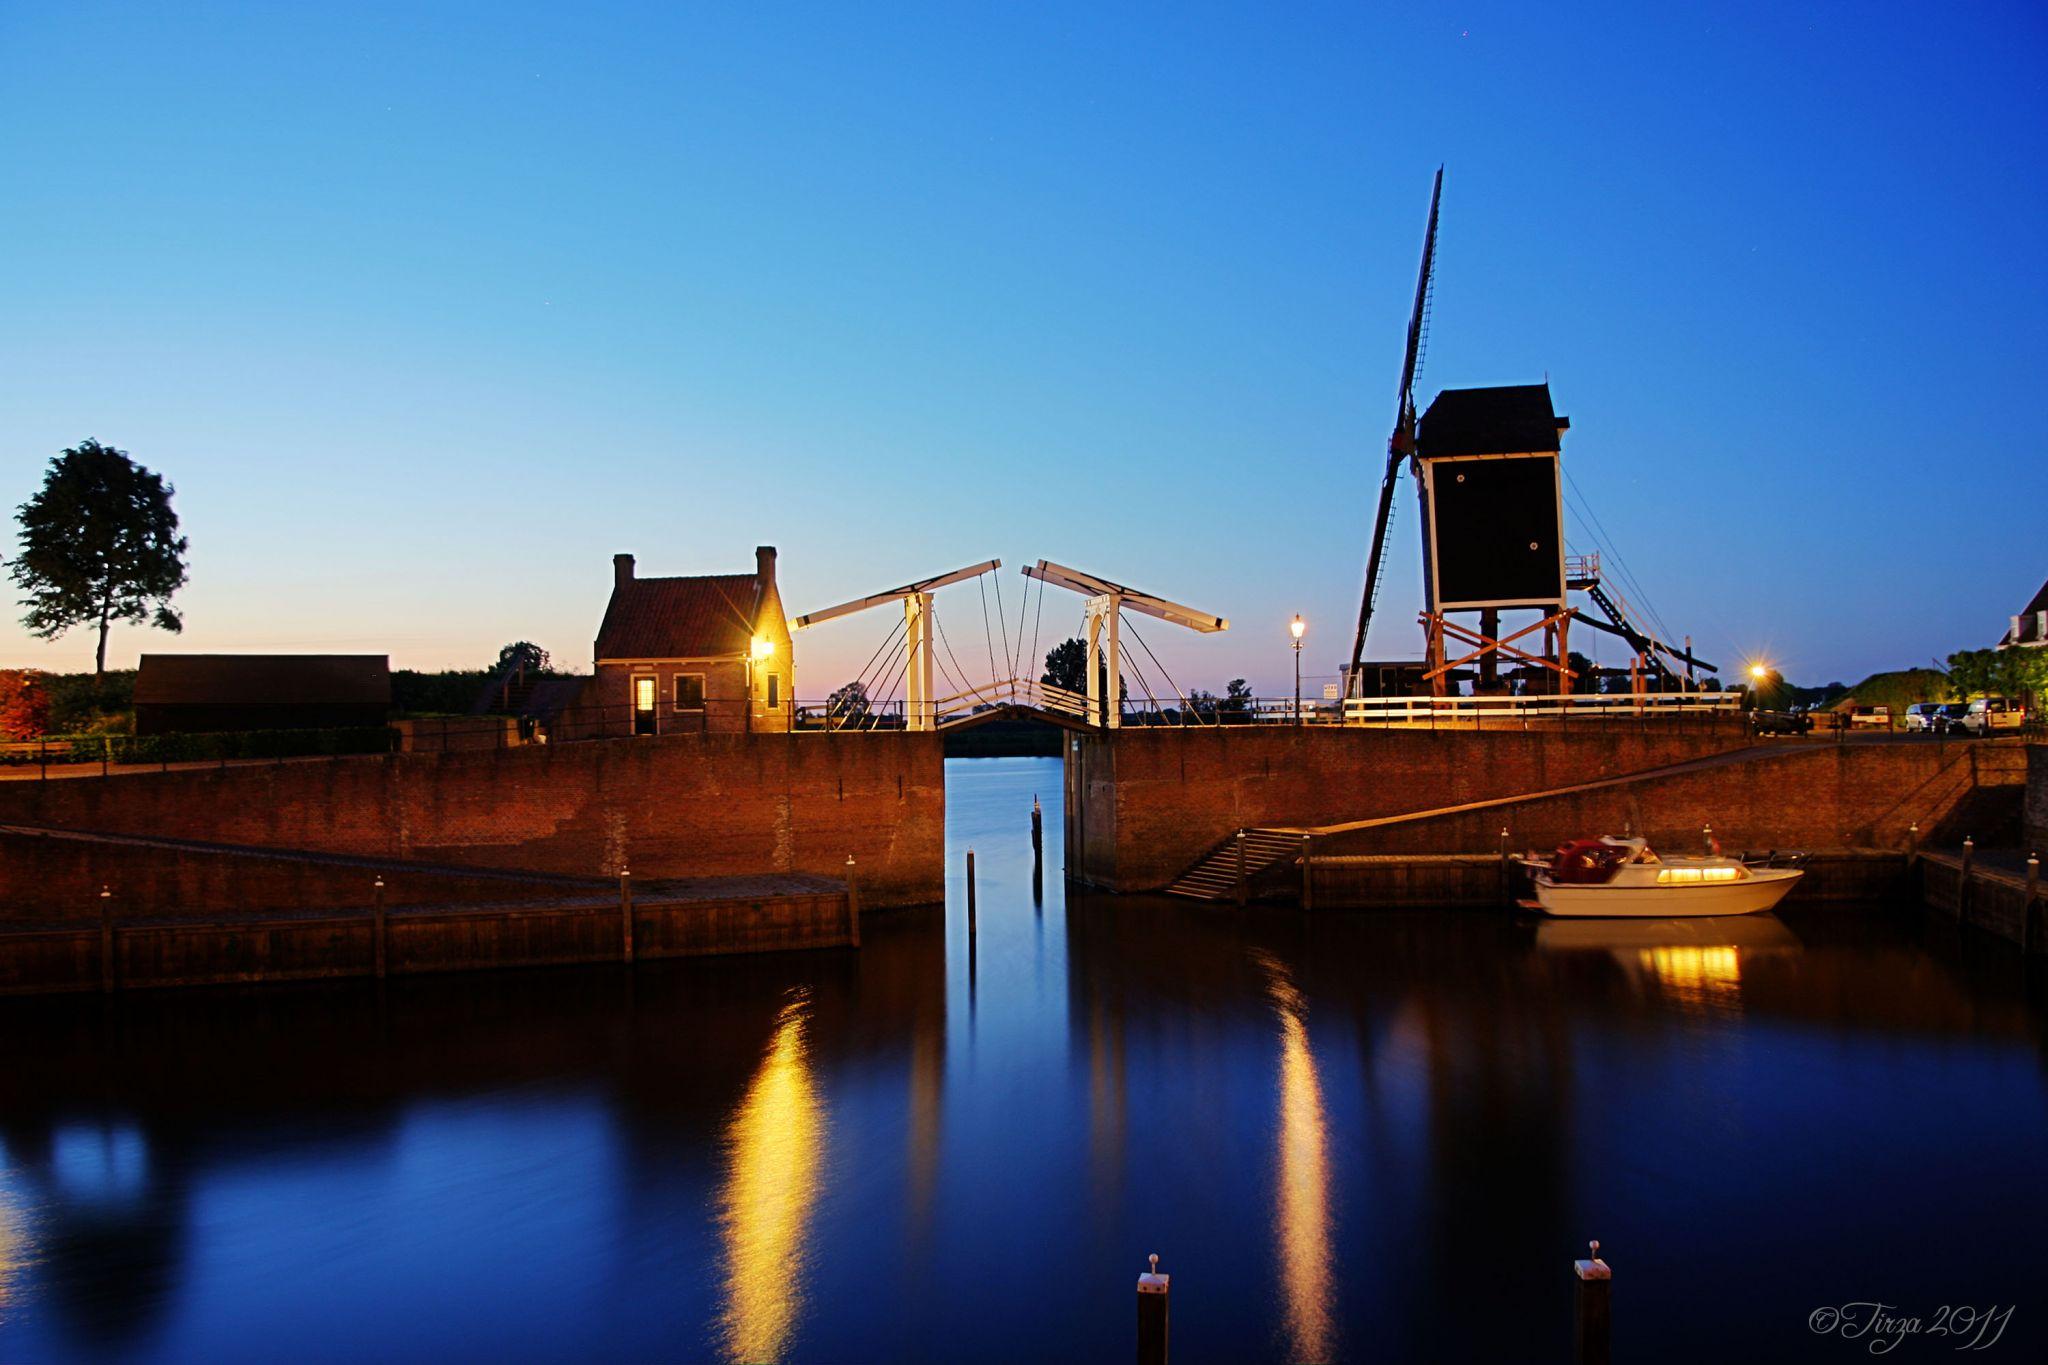 The harbour of Heusden, Netherlands